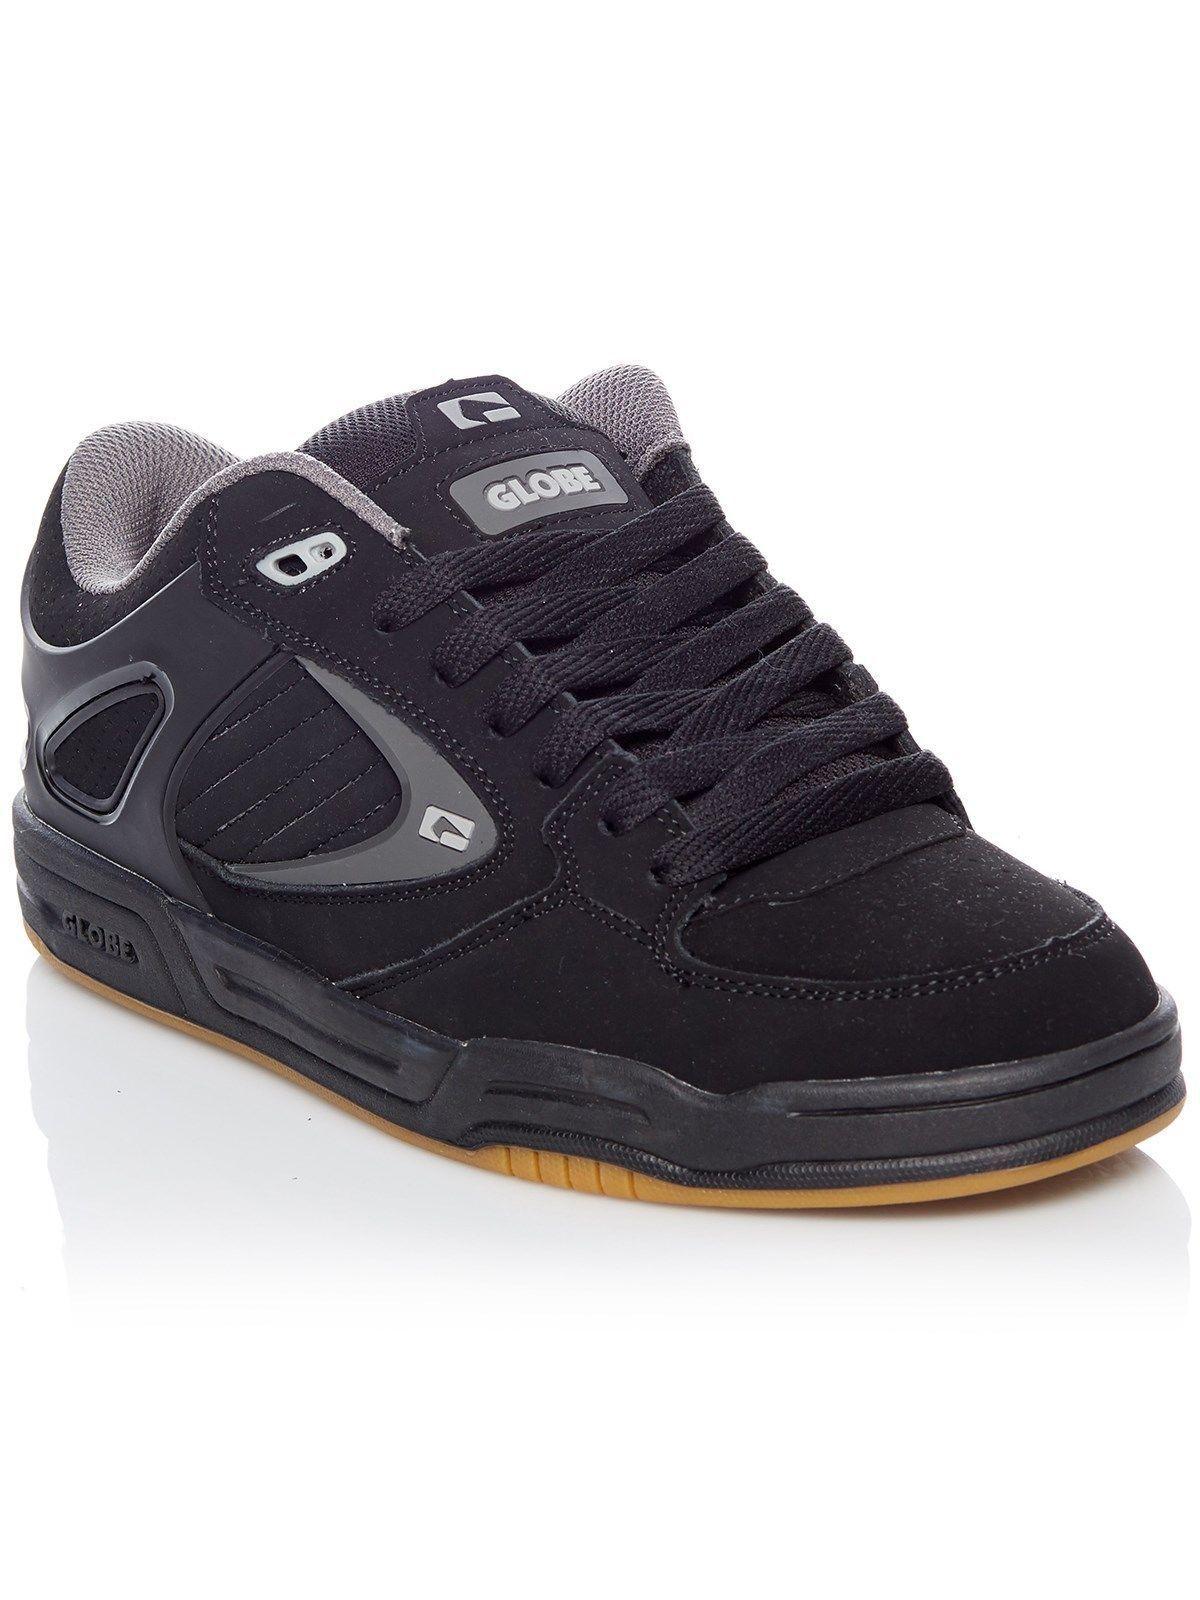 Skate-Schuhe Globe Schuhe charcoal Neigung Agent schwarz schwarz charcoal Schuhe Mann Frau Schuhe a96834